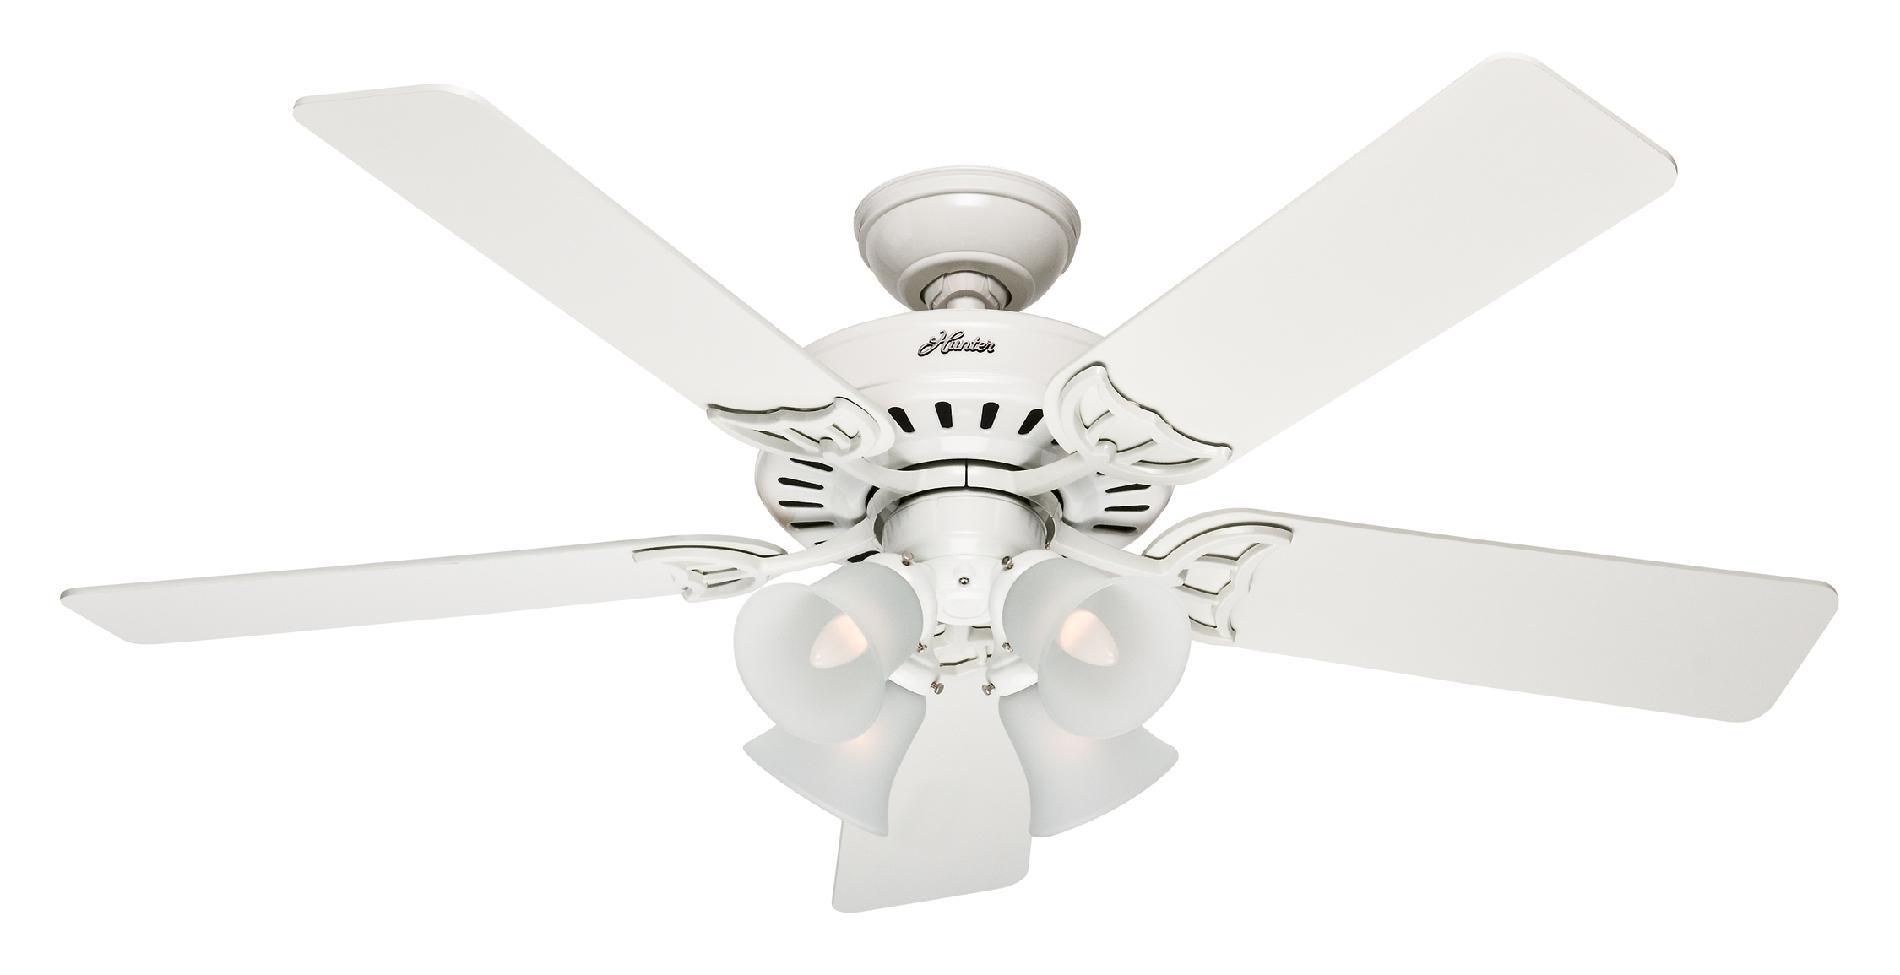 Hunter Studio Series (2013) Ceiling Fan Model HU-53062 in White